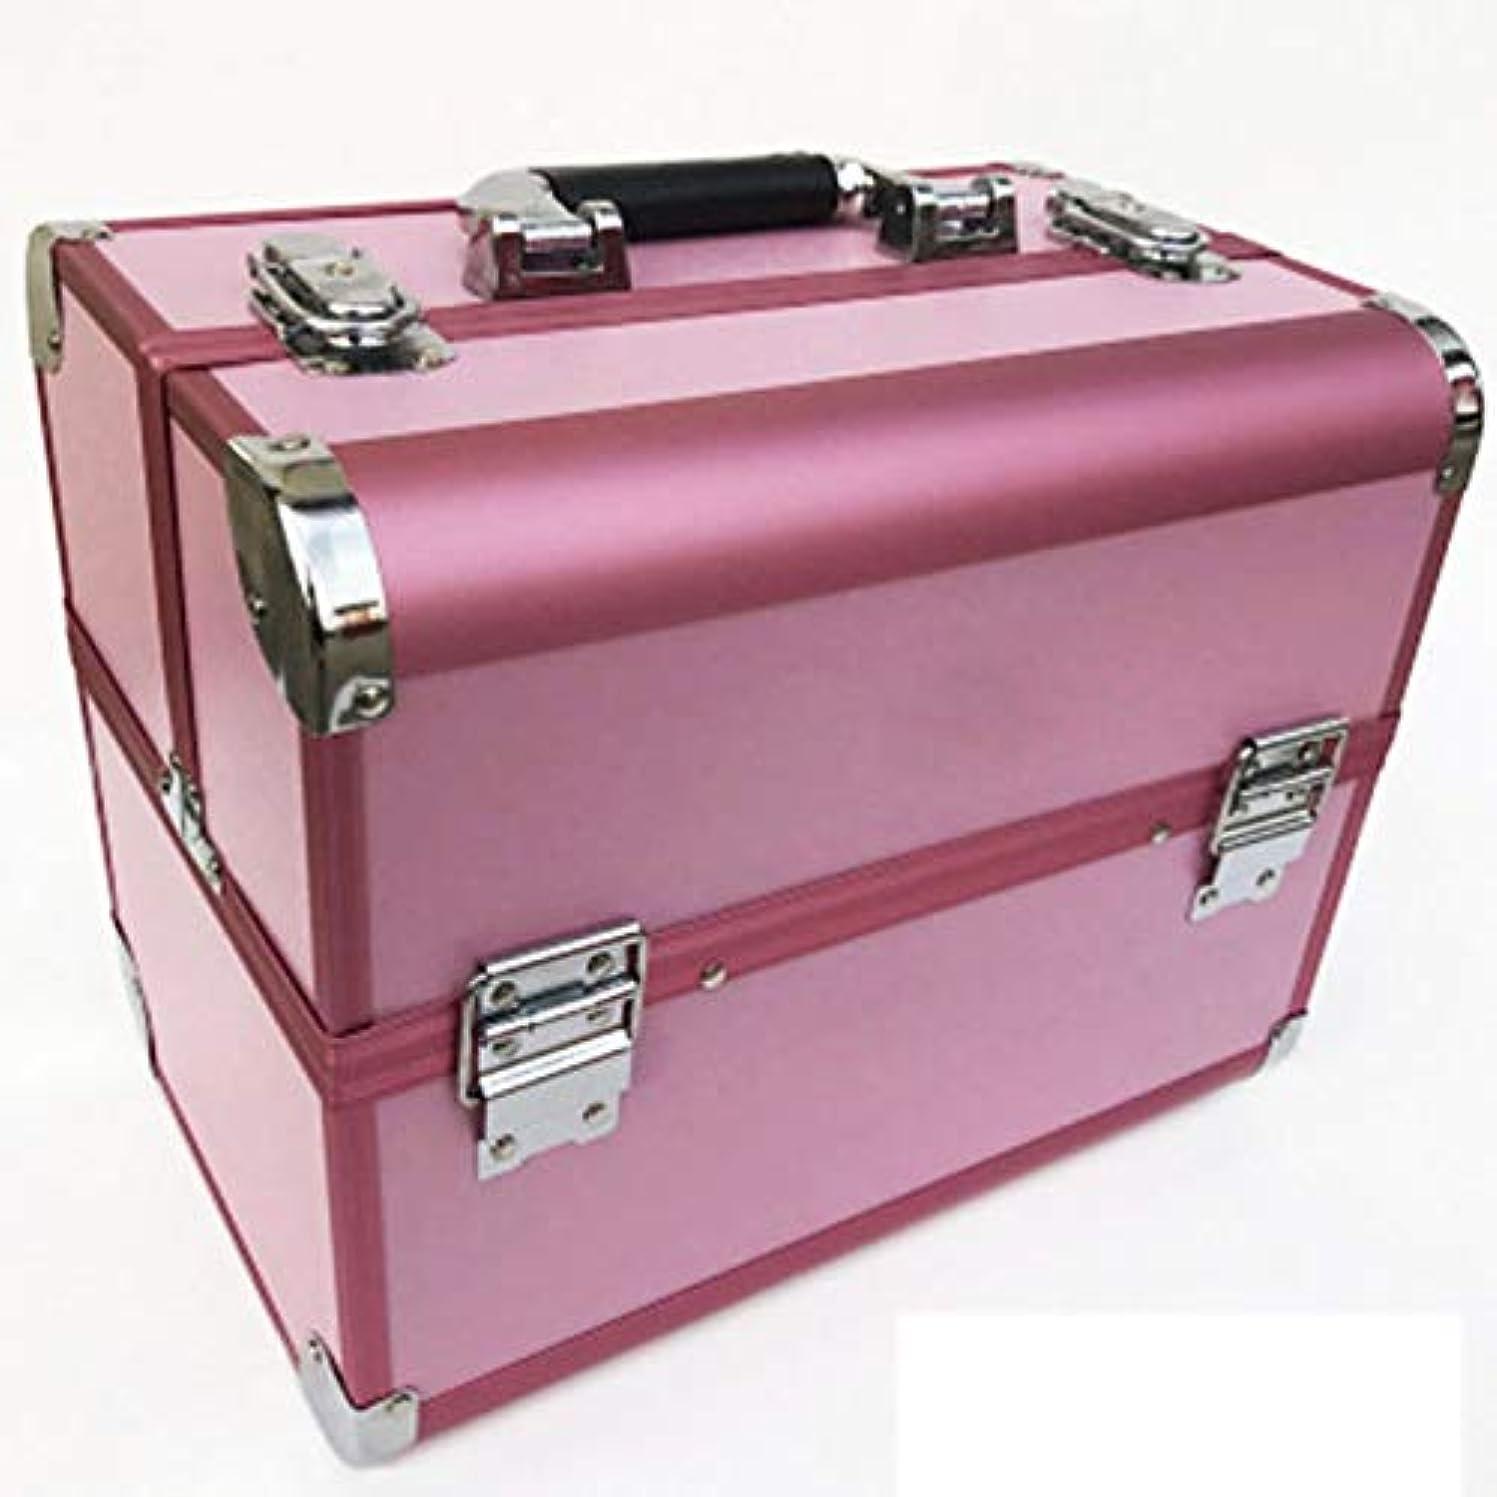 ティッシュ心から放送化粧箱、道具箱化粧箱 - 多層2つのロック化粧キット - 防水化粧箱 - 携帯用化粧箱(32cm * 22cm * 26cm)